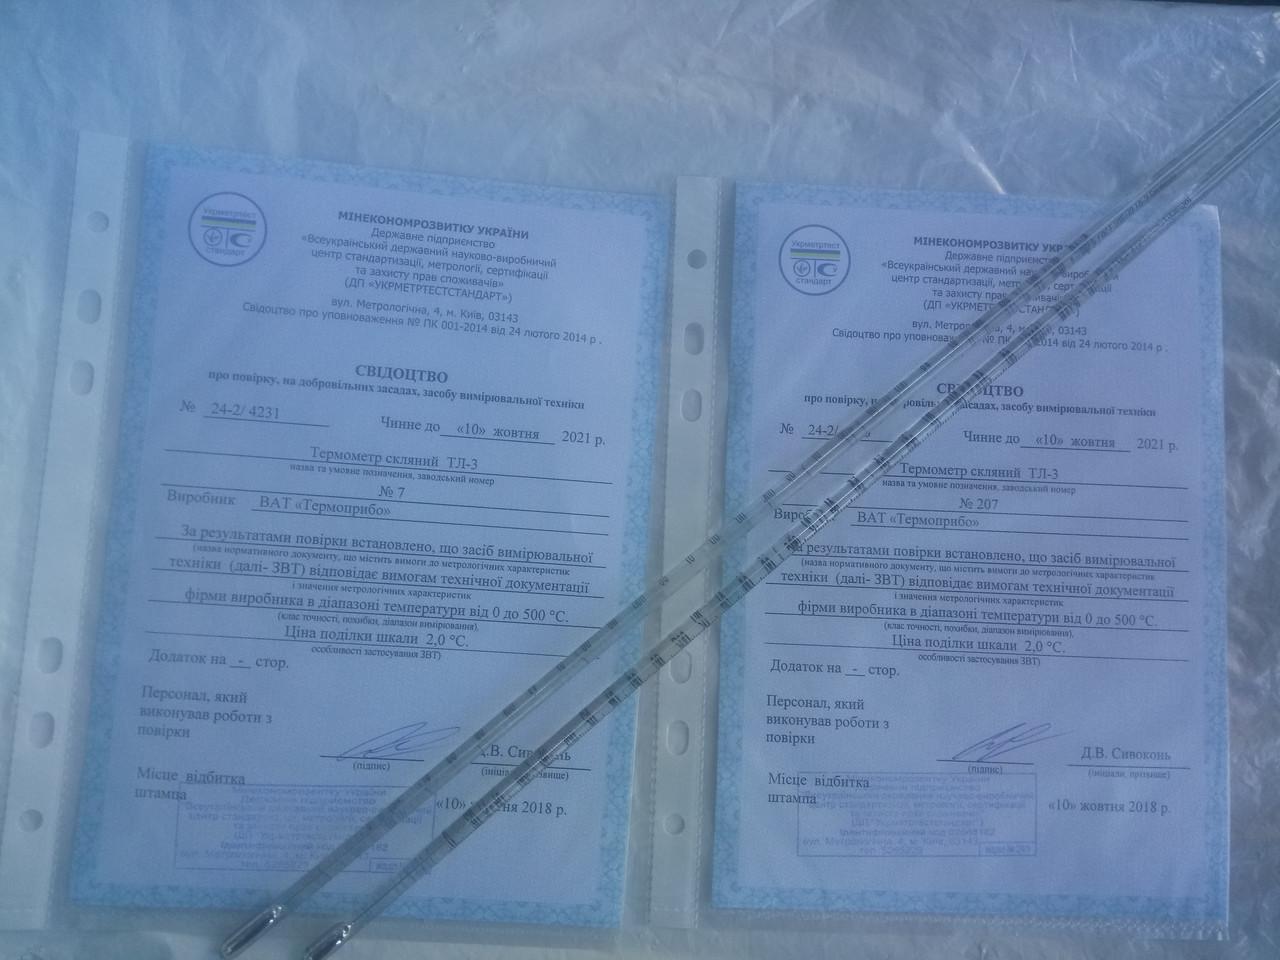 Термометры лабораторные ТЛ-3 (ТУ25-2021.003-88) 0+500 град., возможна калибровка в УкрЦСМ